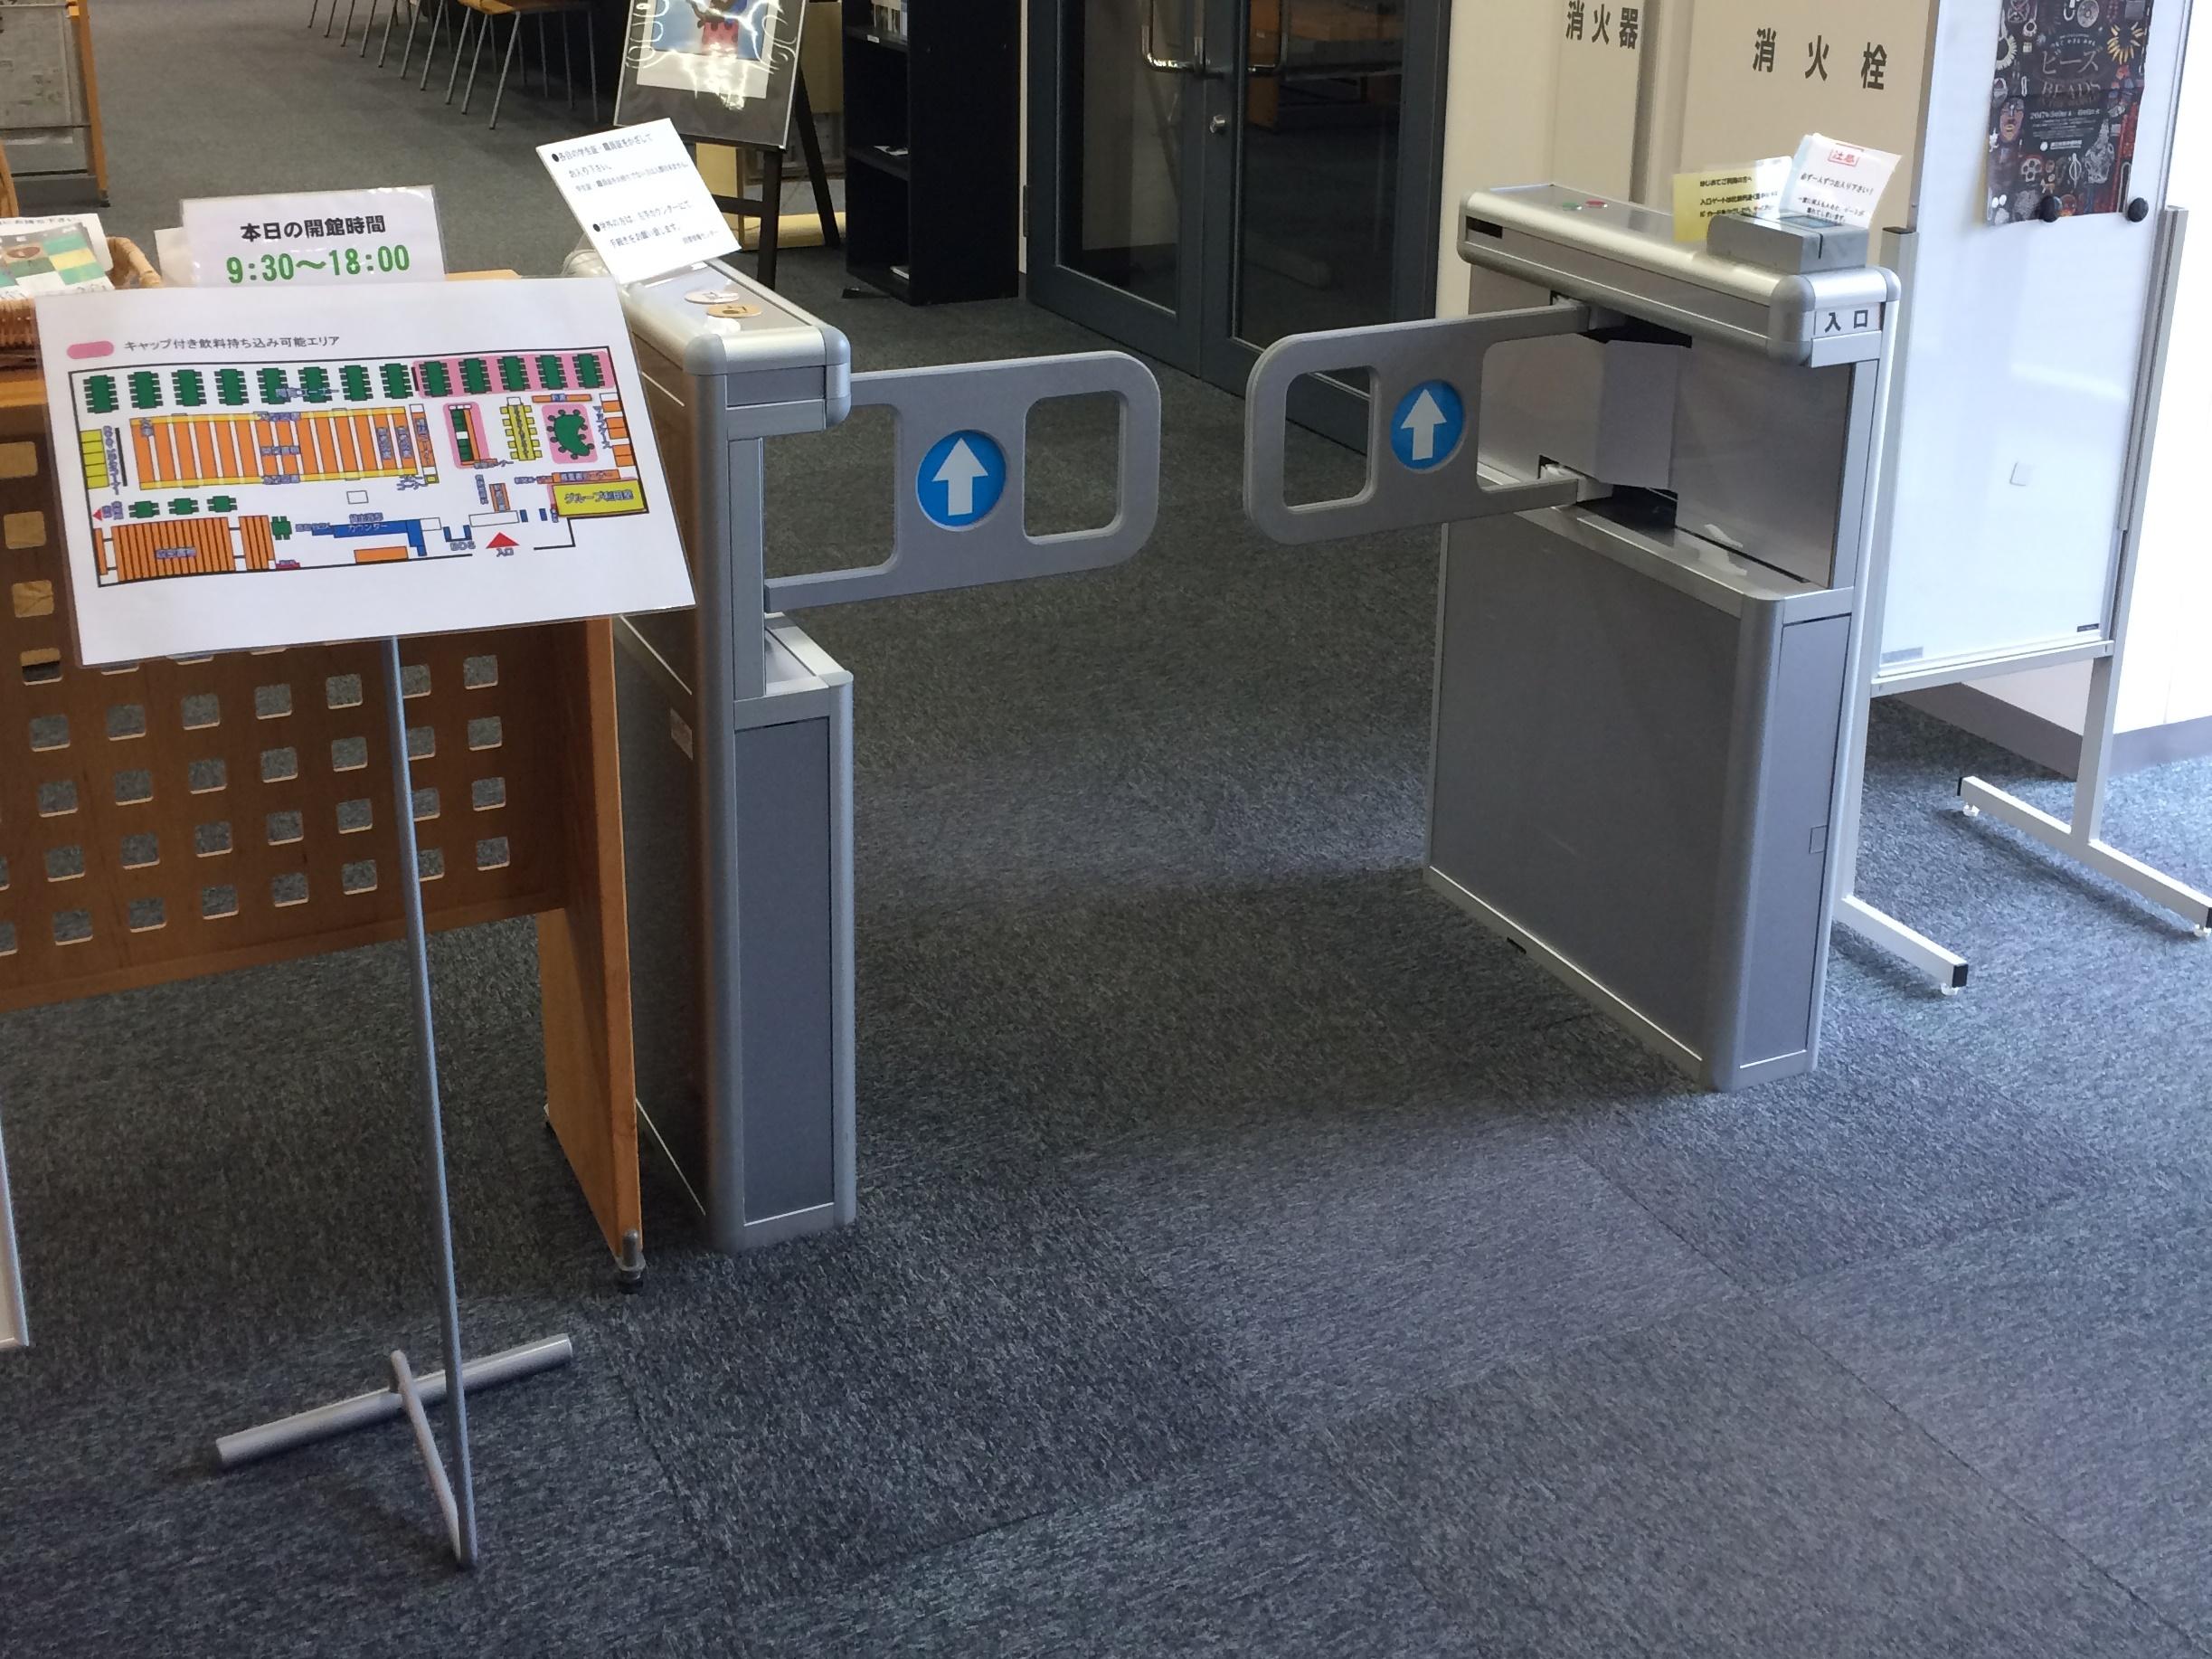 入退館システム(BDS)